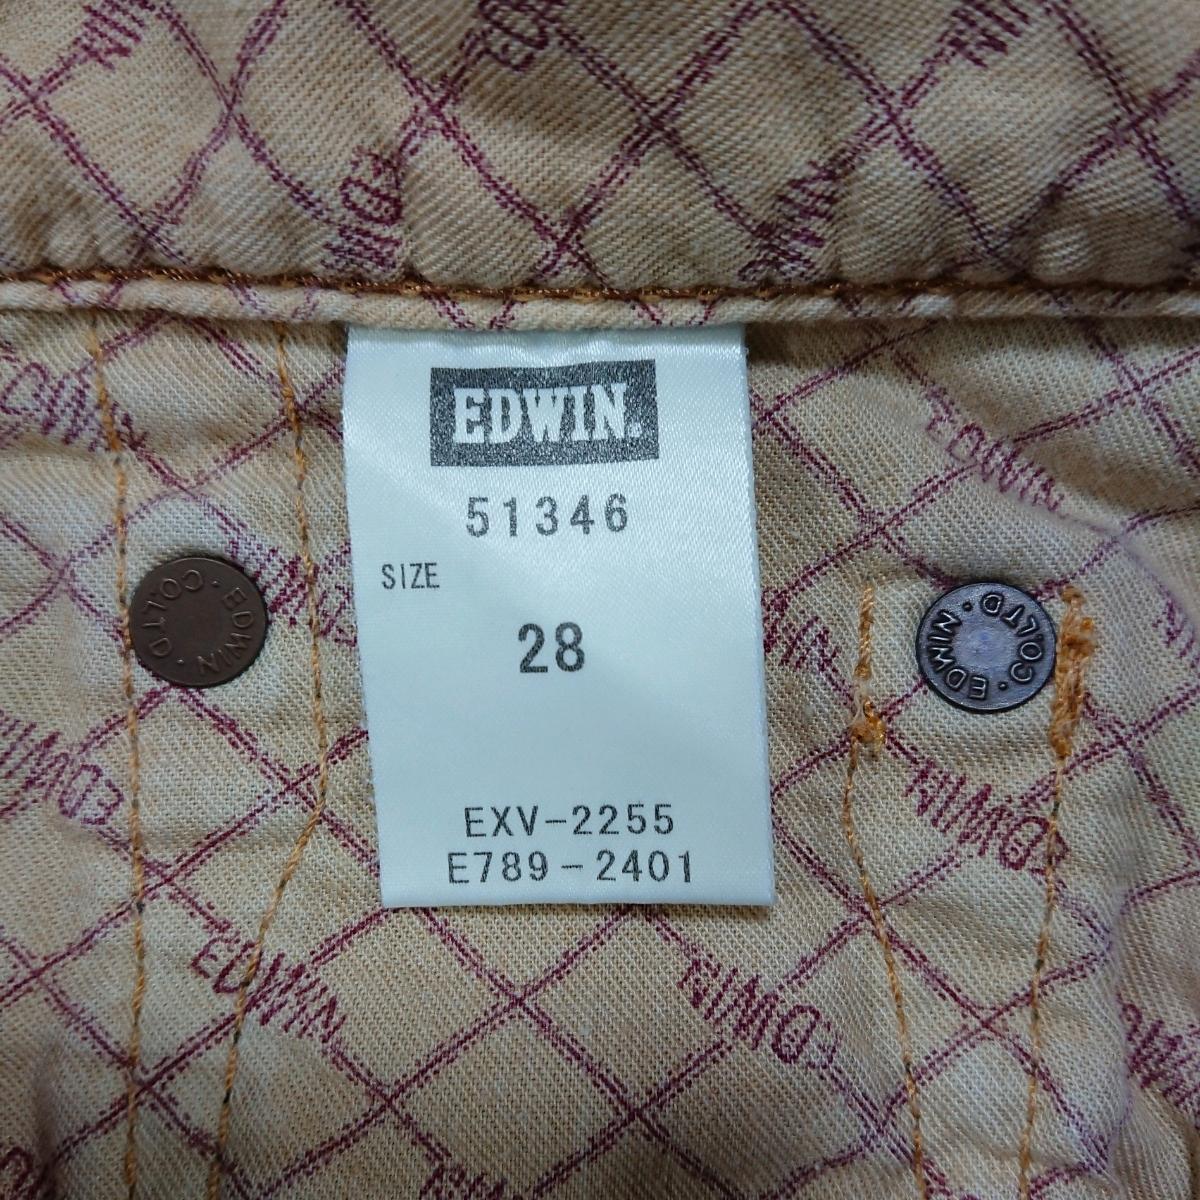 EDWIN 51346 ハーフパンツ ジーンズ デニム ジーパン エドウィン 紺 サイズ28 送料無料